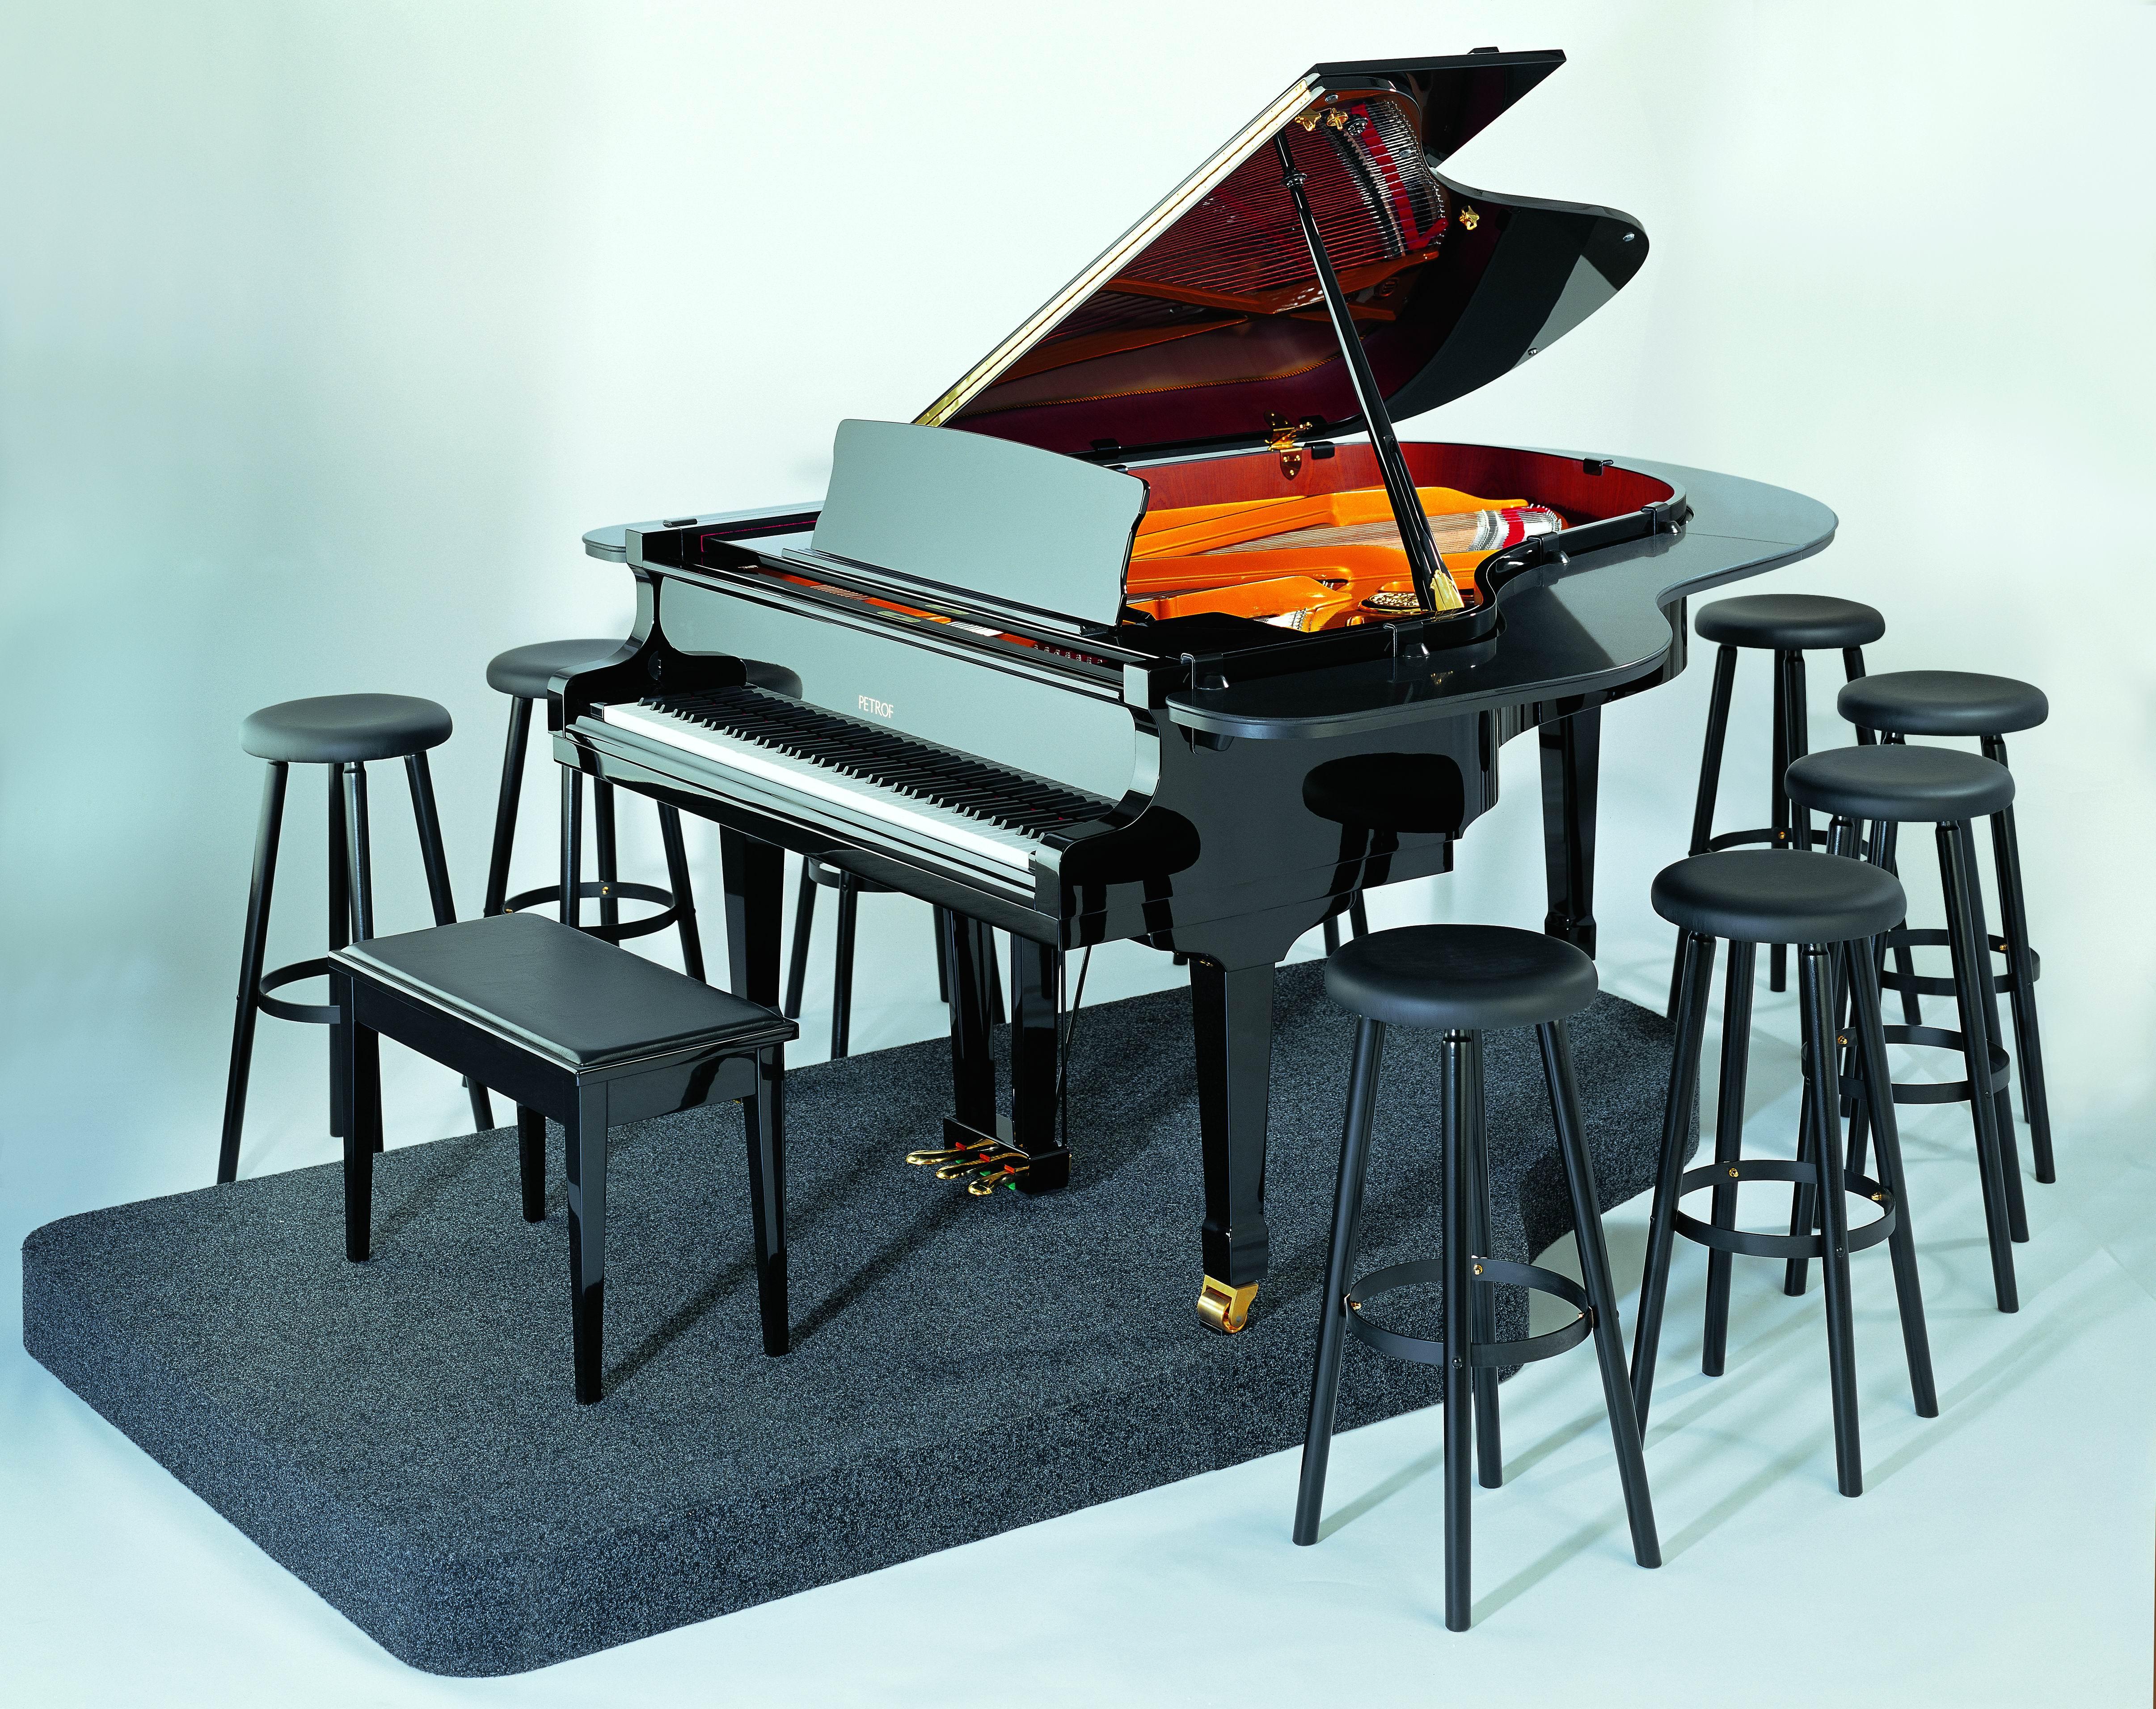 Grand piano petrof pianobar petrof spol s r o for Royal pianos